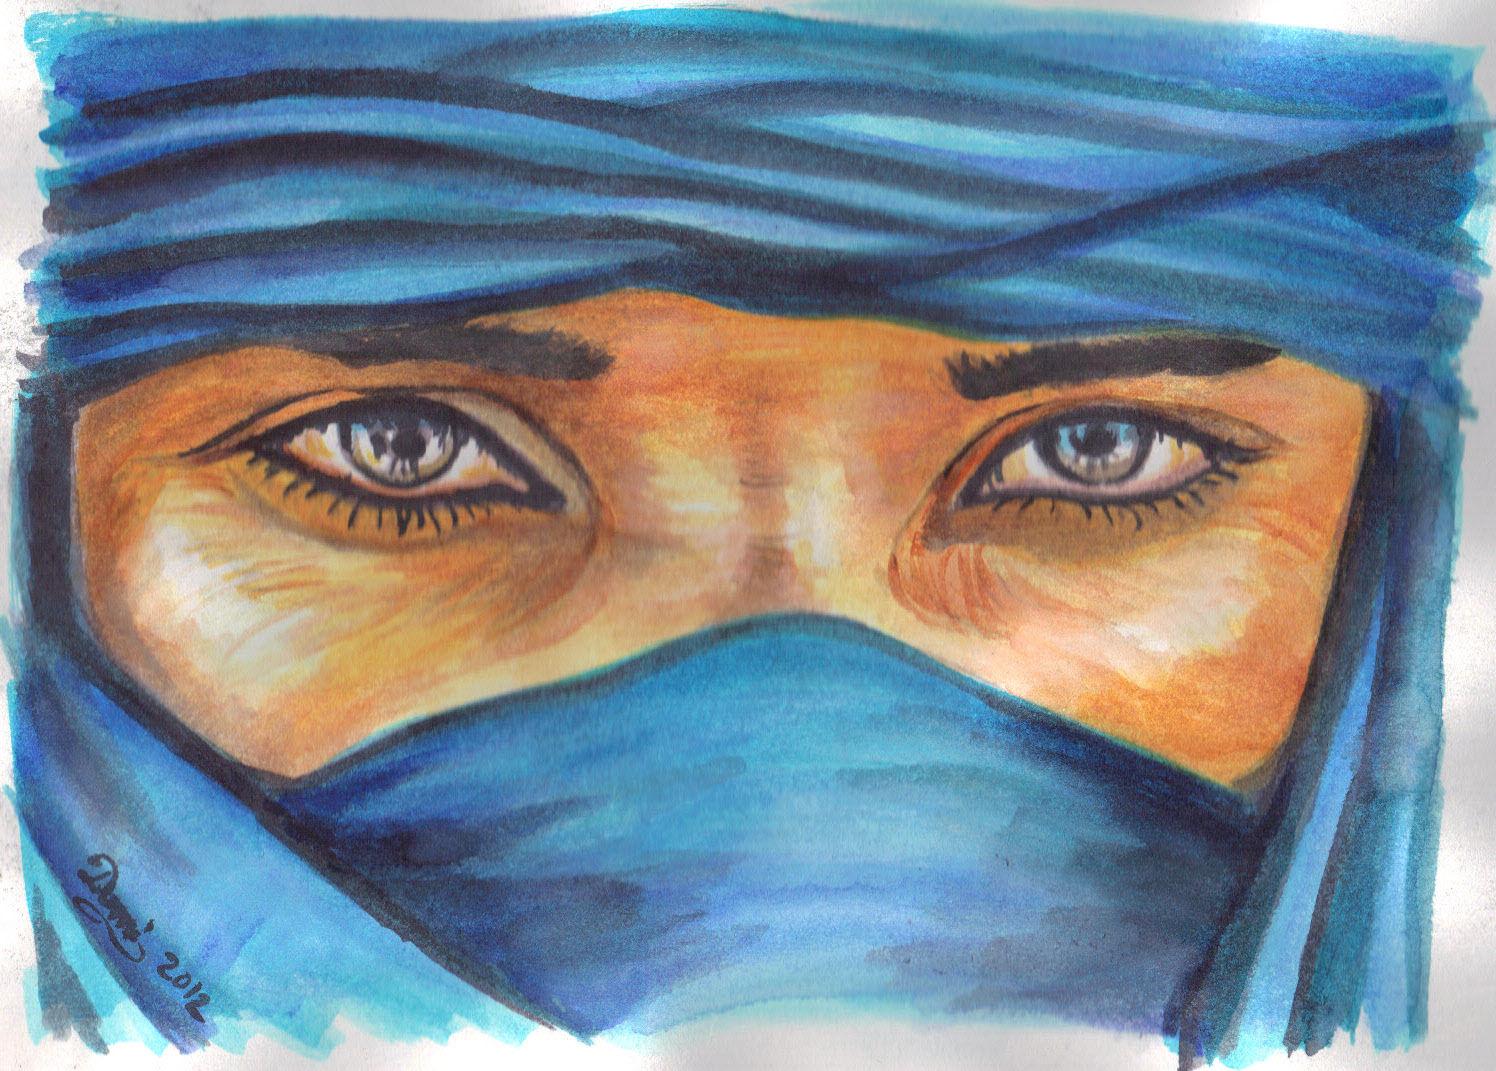 Peinture acrylique dans les yeux